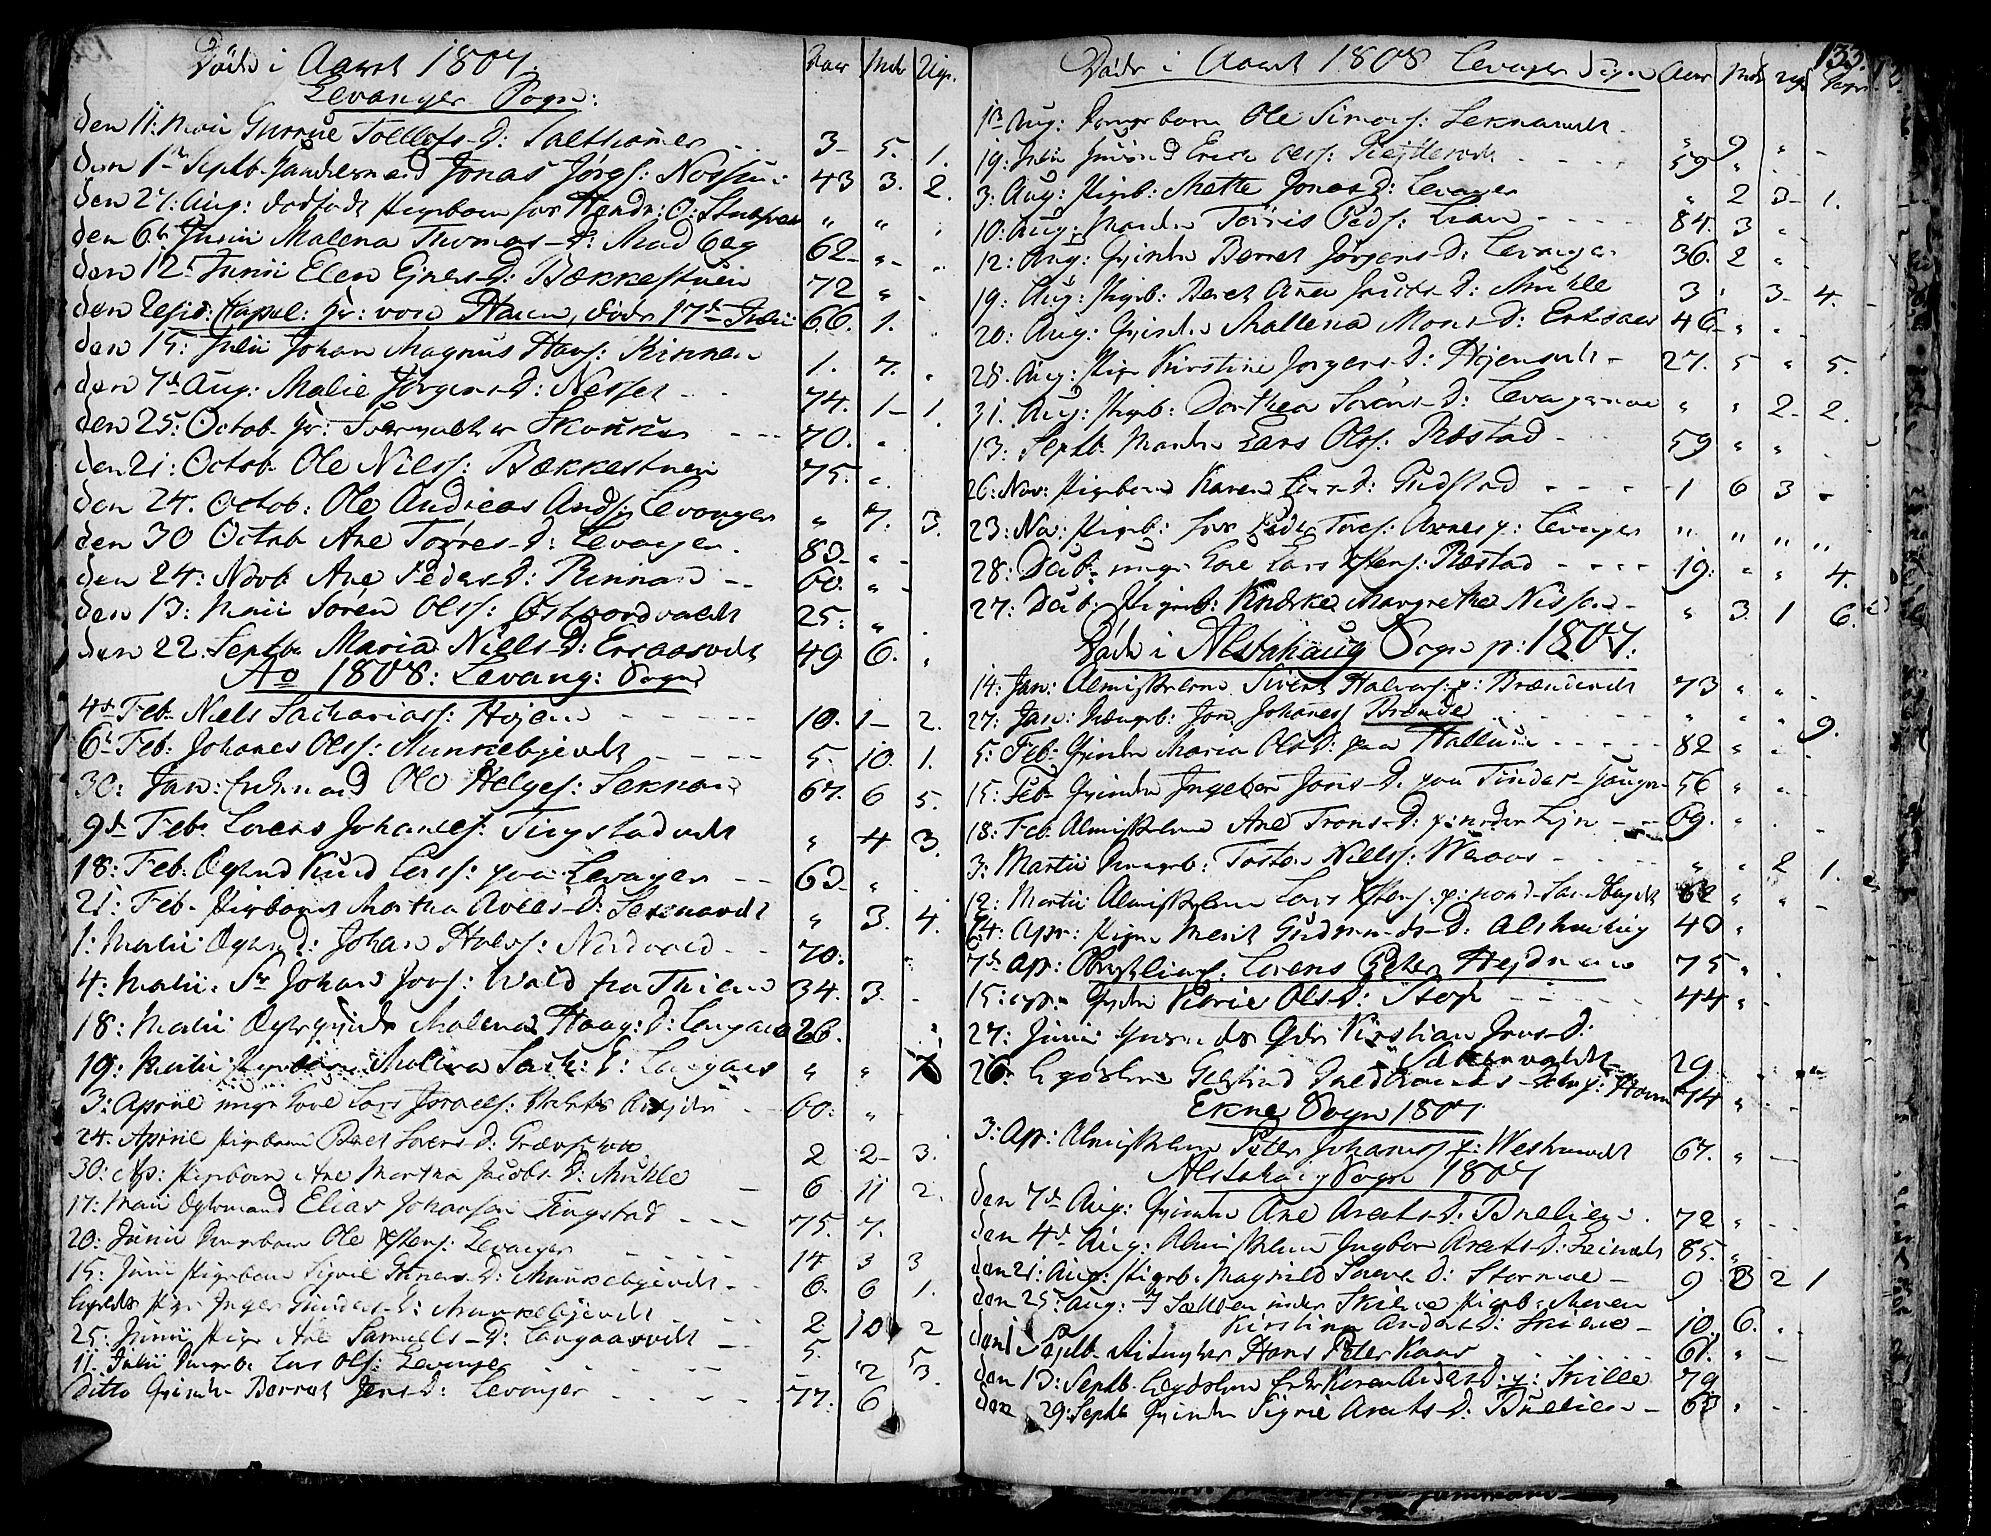 SAT, Ministerialprotokoller, klokkerbøker og fødselsregistre - Nord-Trøndelag, 717/L0142: Ministerialbok nr. 717A02 /1, 1783-1809, s. 133